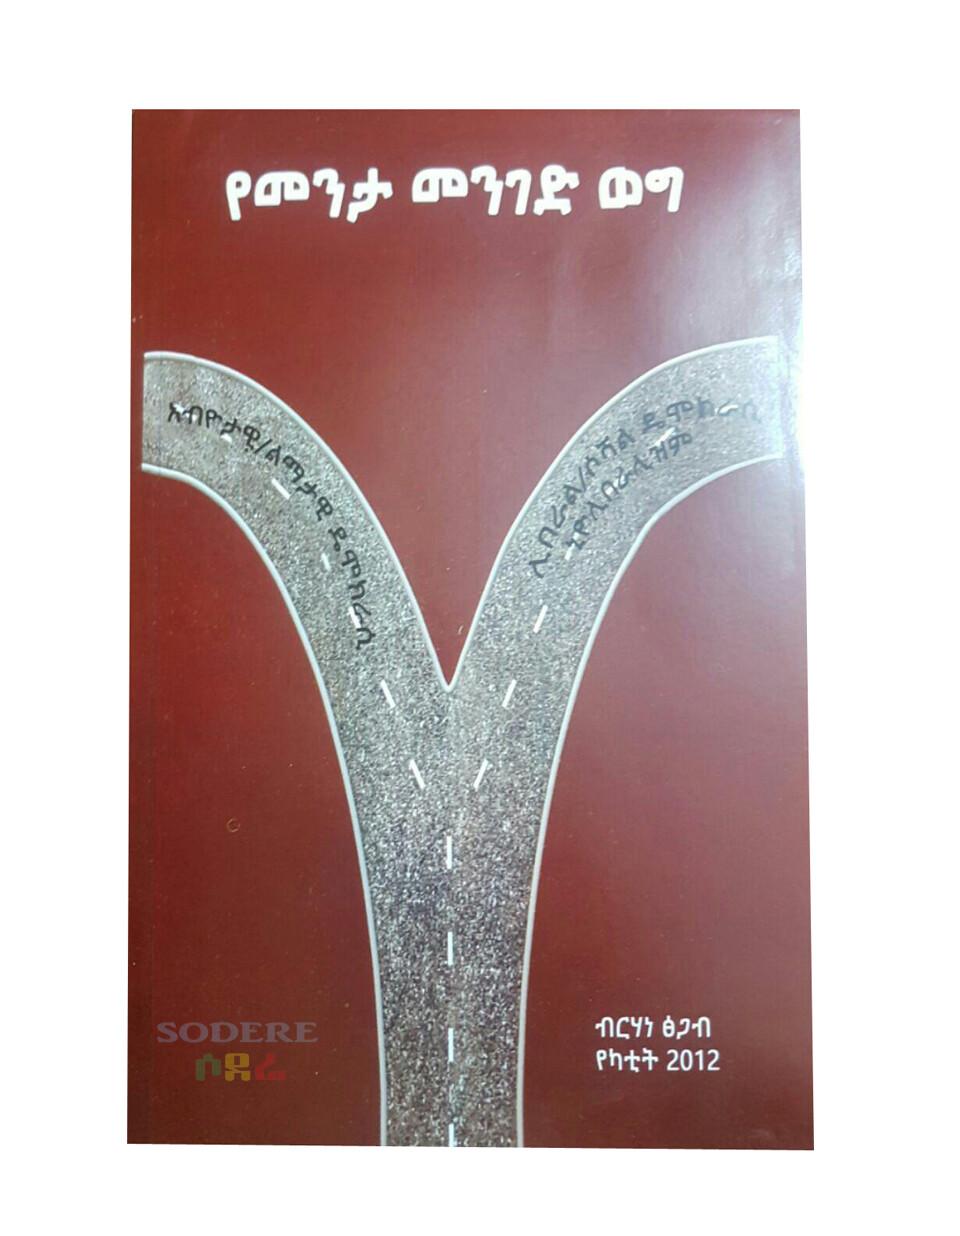 የመንታ መንገድ ወግ Yementa Menged Weg By Birhane Tsegab